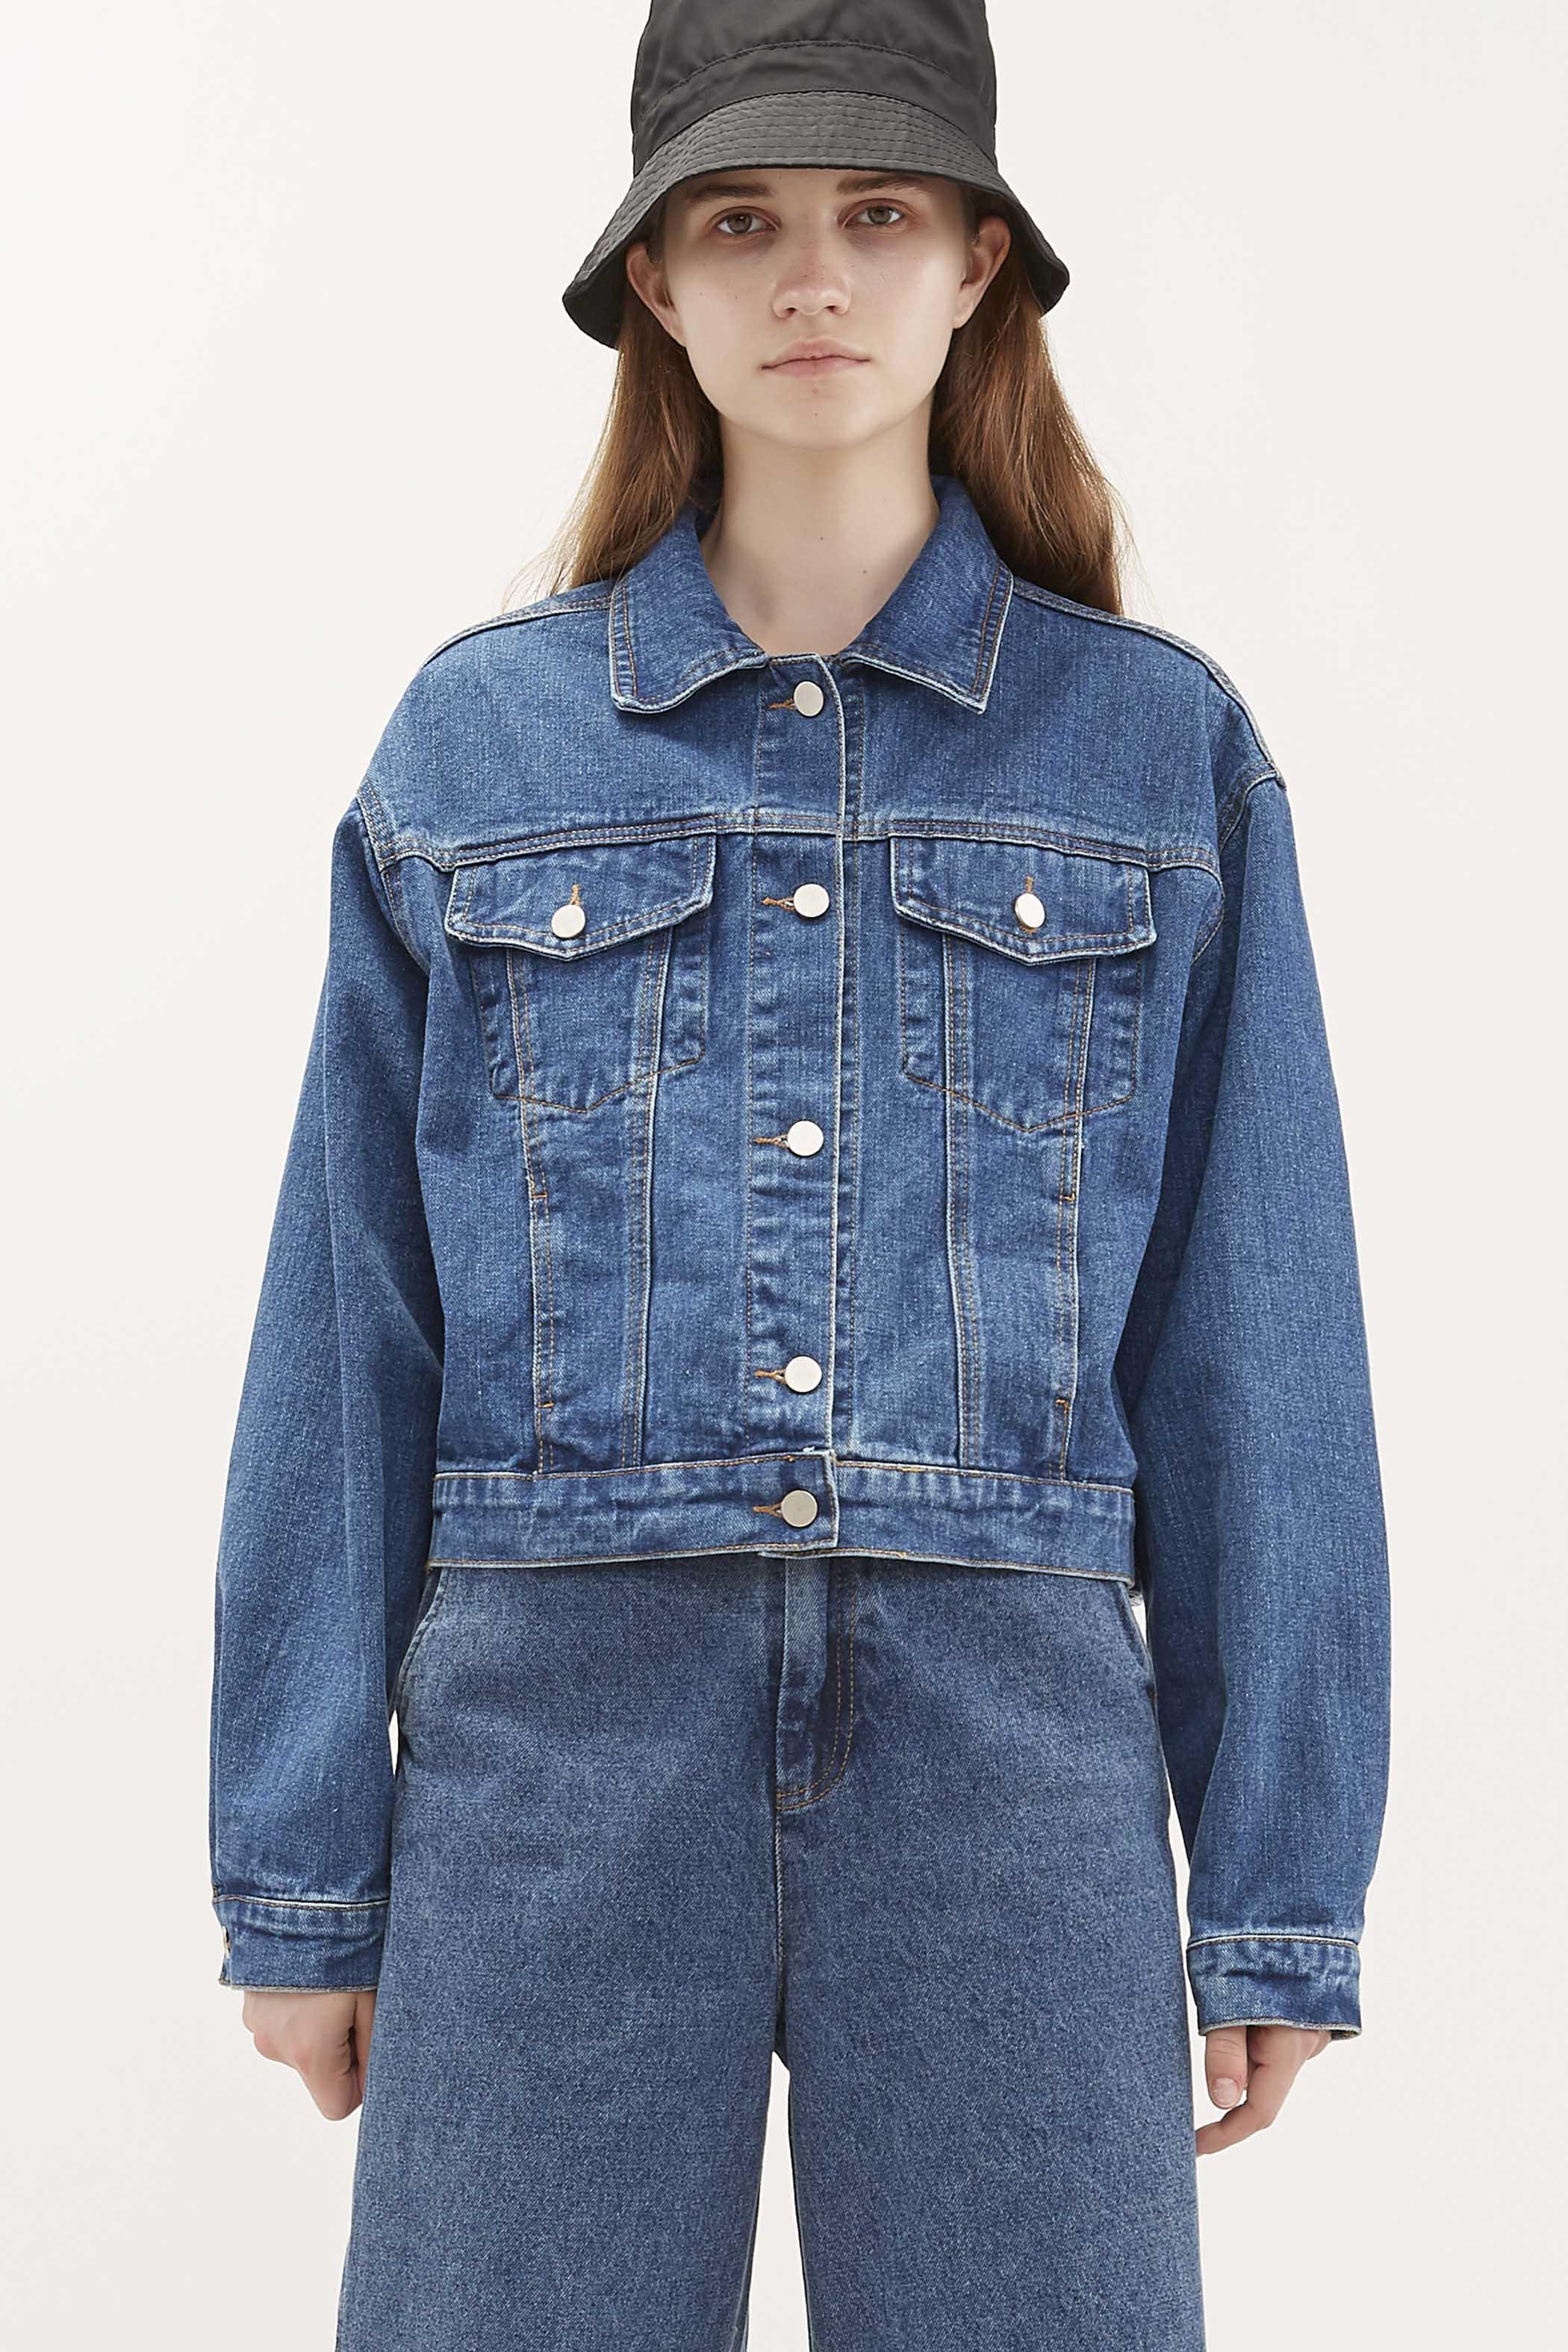 Clansy Denim Jacket